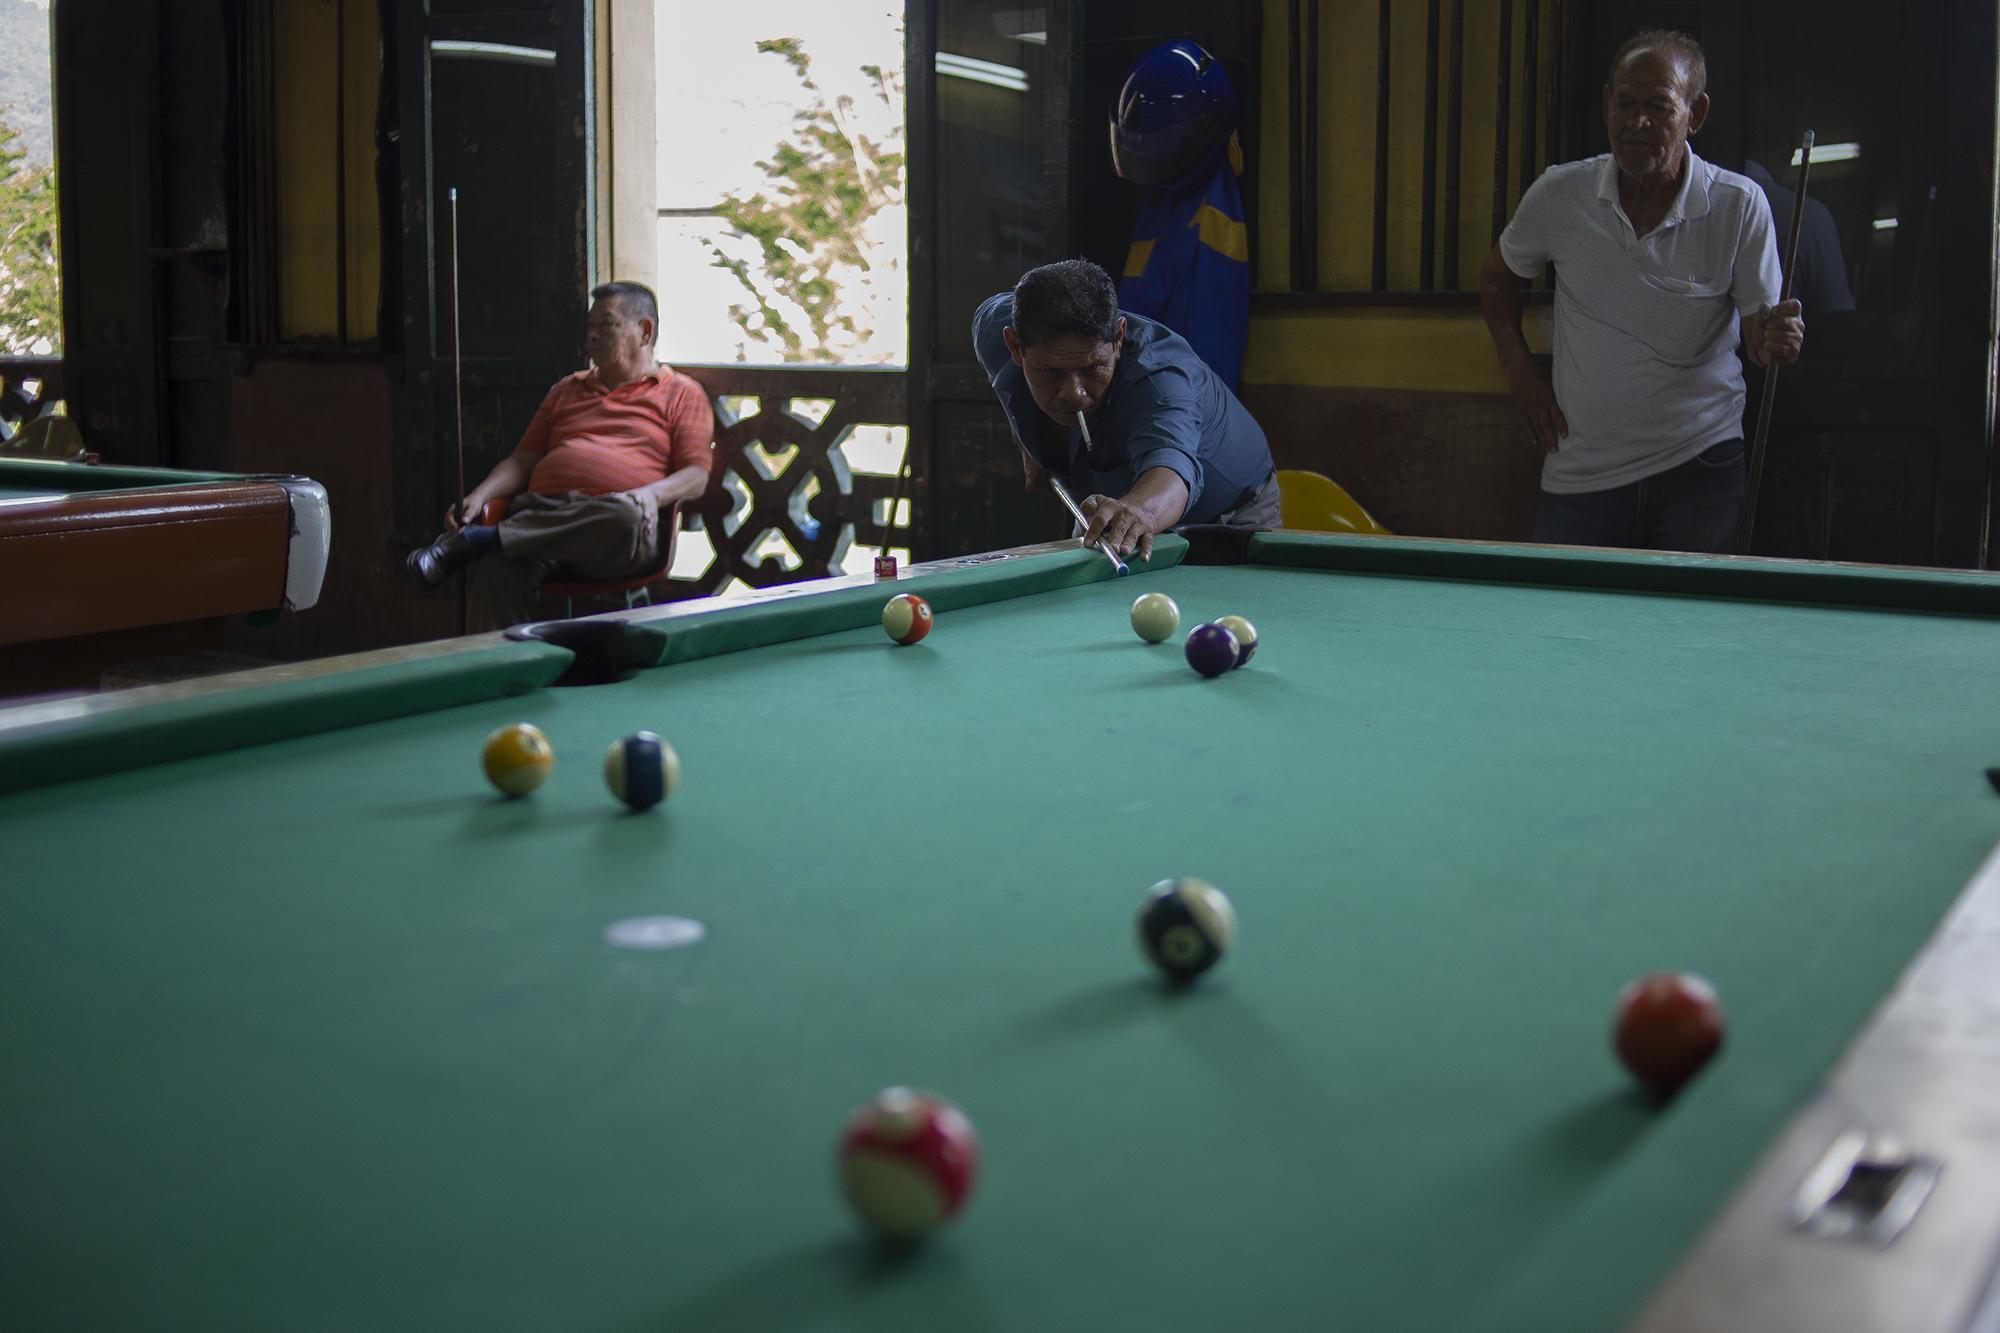 Un grupo de hombres juega una partida de billar en la Dalia. Desde que la nueva ola de visitantes llegan al local, es usual que se quejen por no tener suficiente espacio para manipular el taco.